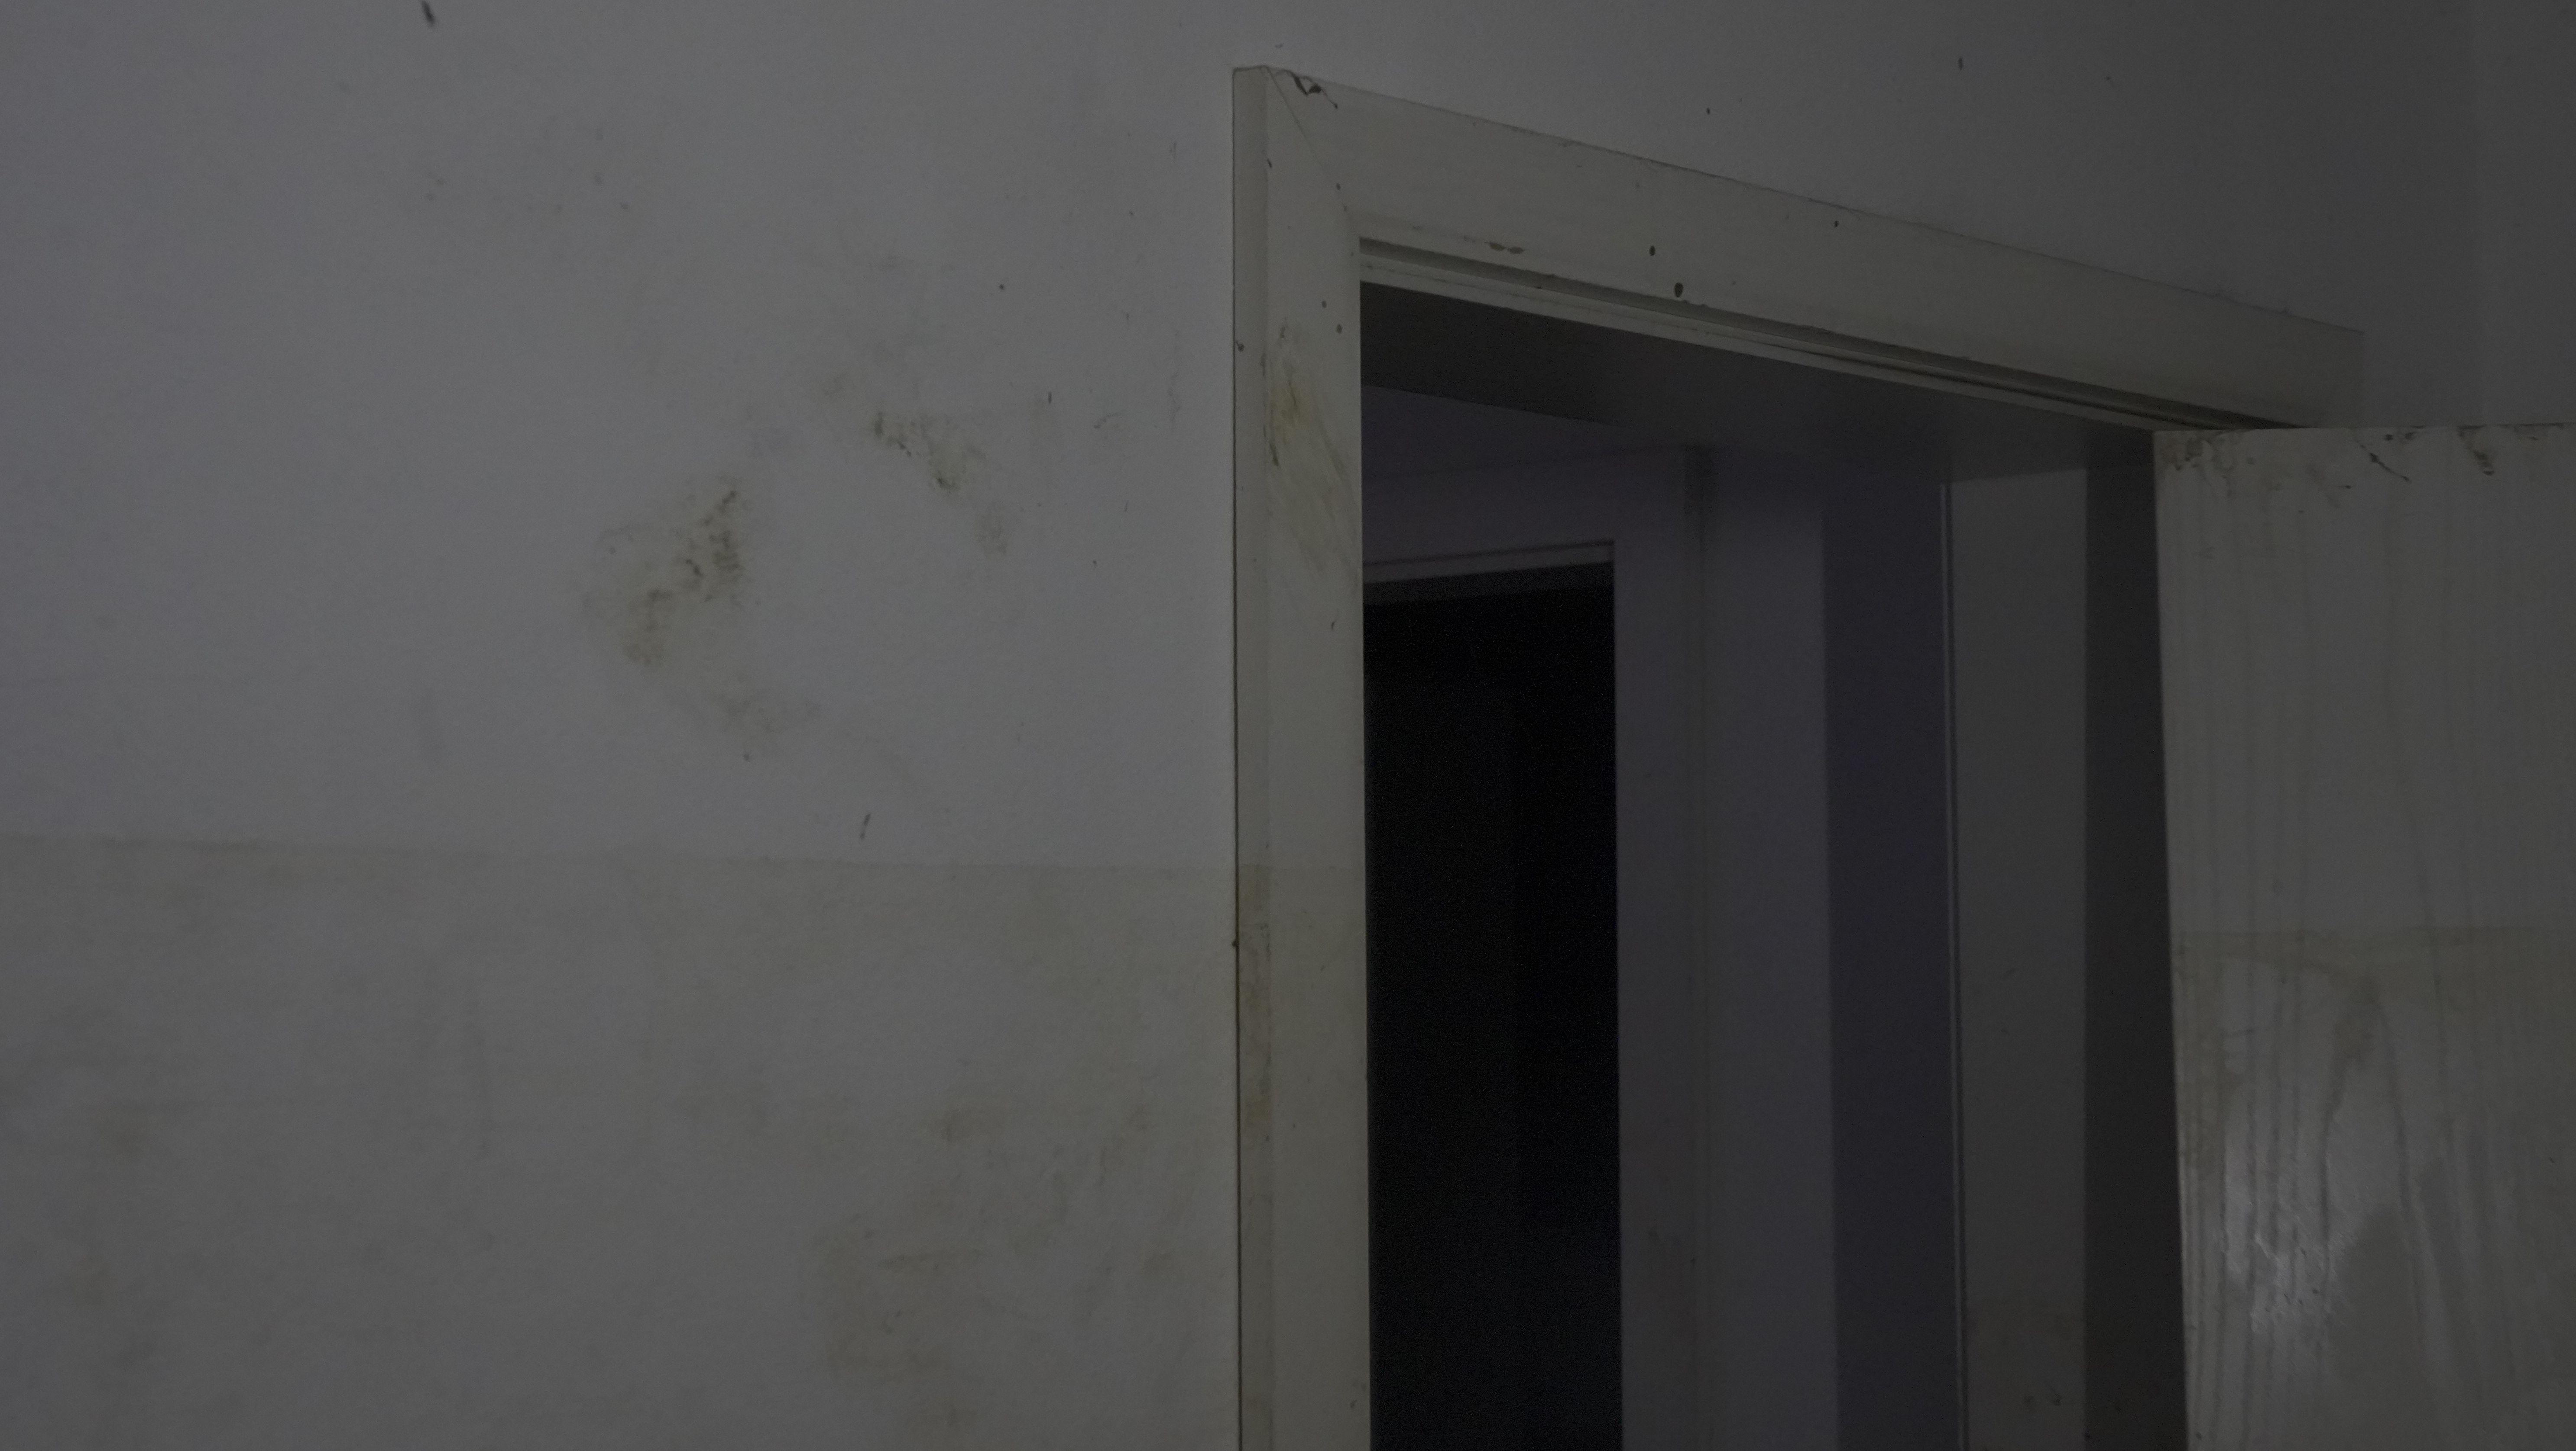 Braune Linie an einem weißen Türrahmen.